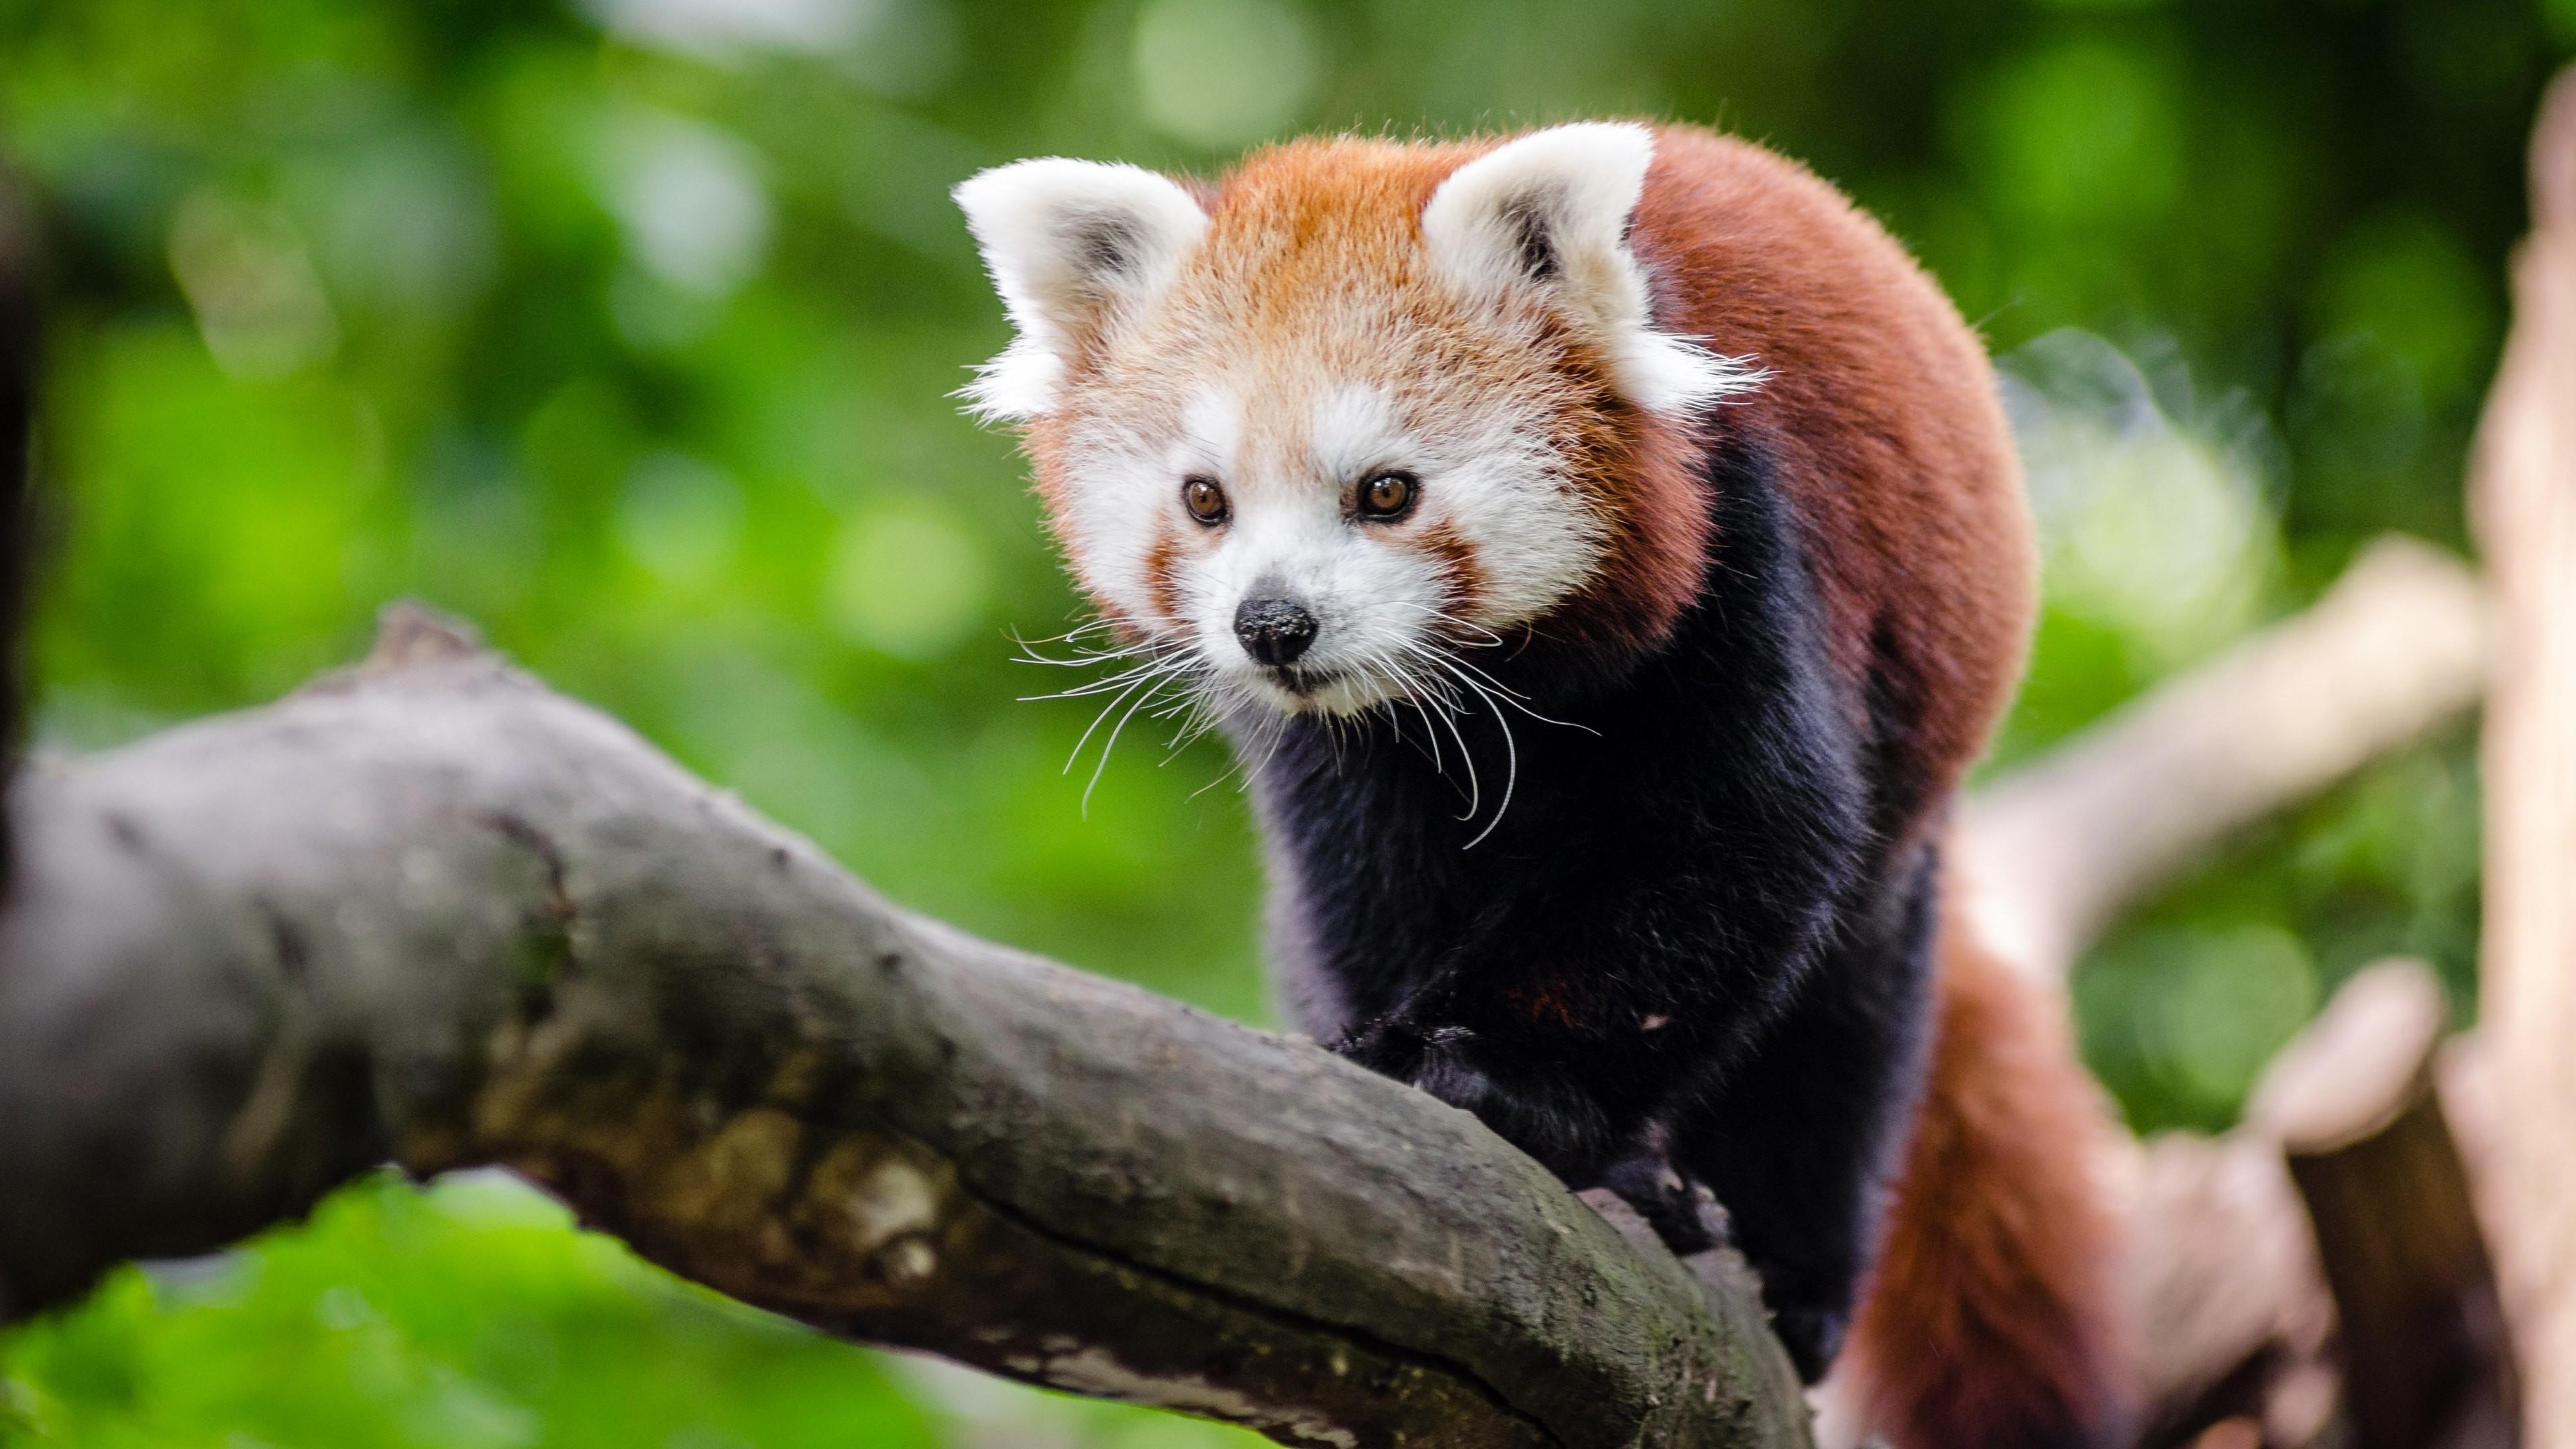 4K HD Wallpaper 2: Red Panda